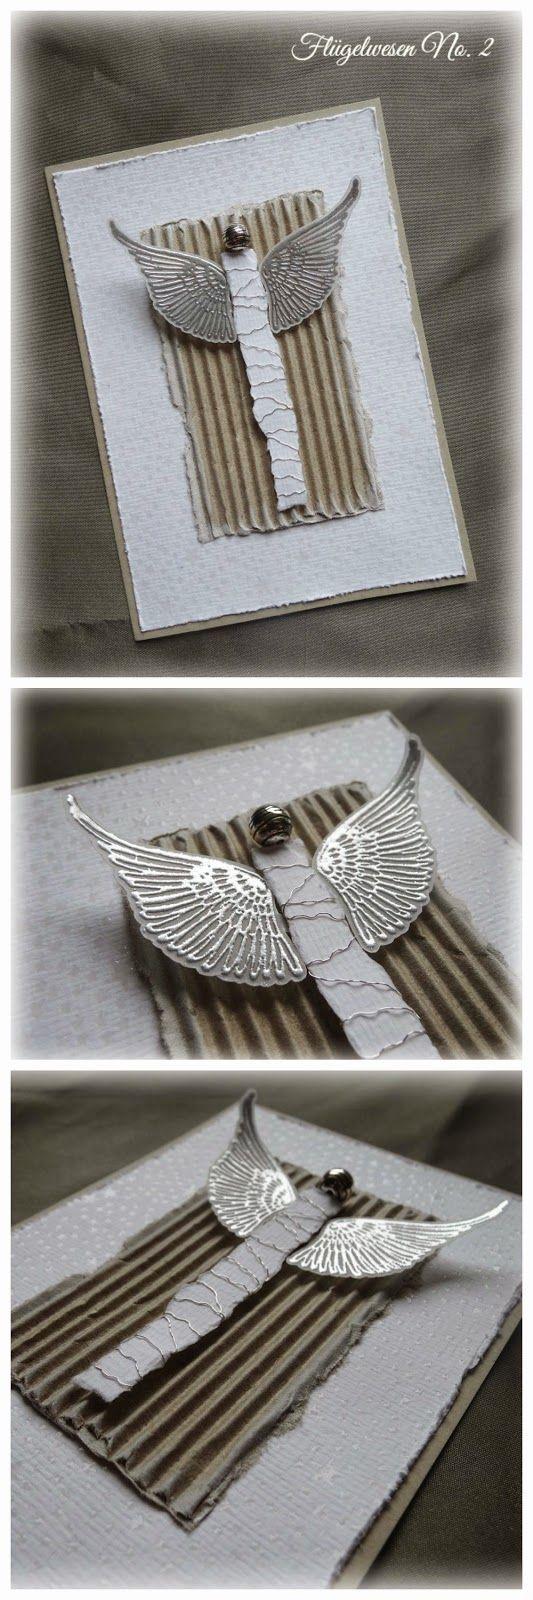 Jenny's Papierwelt: Weihnachtskarten ~Flügelwesen~